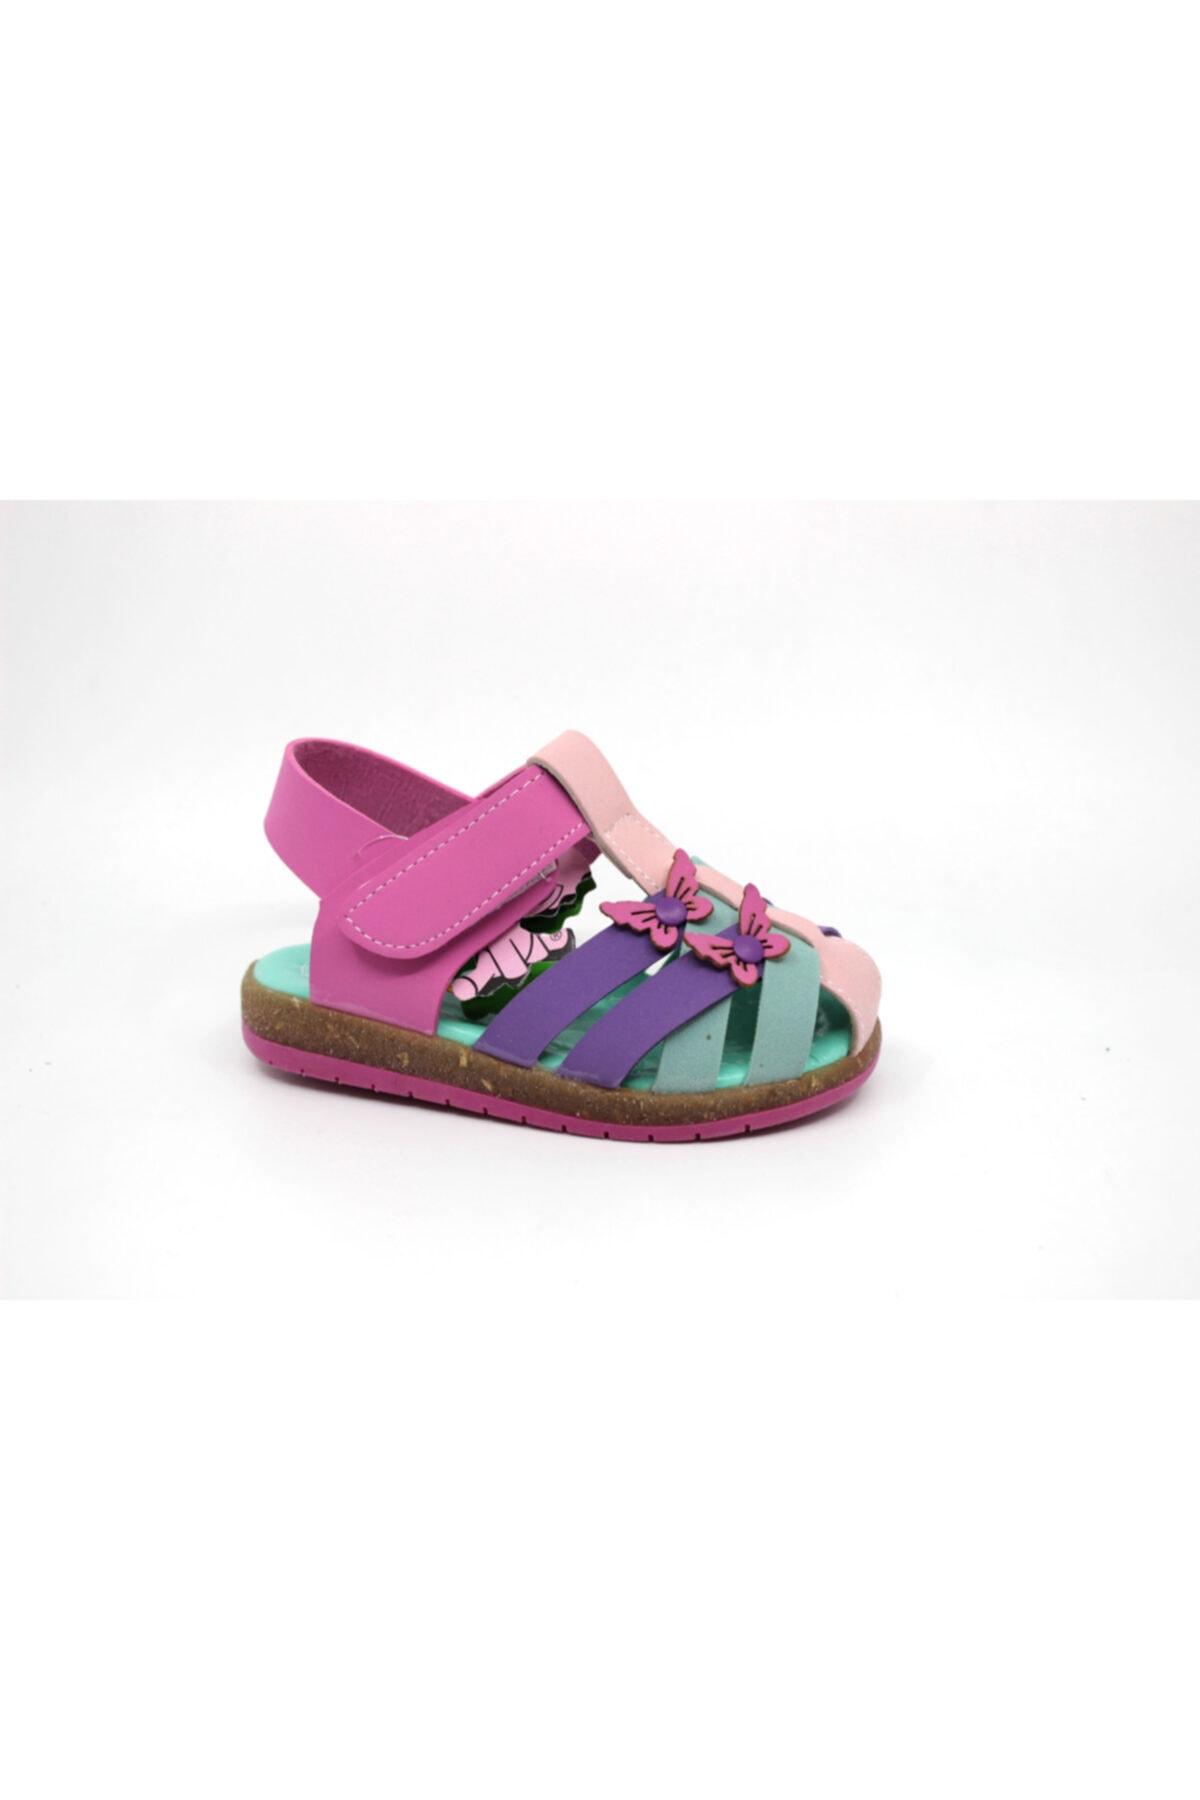 خرید کفش تخت نوزاد دختر ترک جدید برند Şirin Bebe رنگ صورتی ty91325863